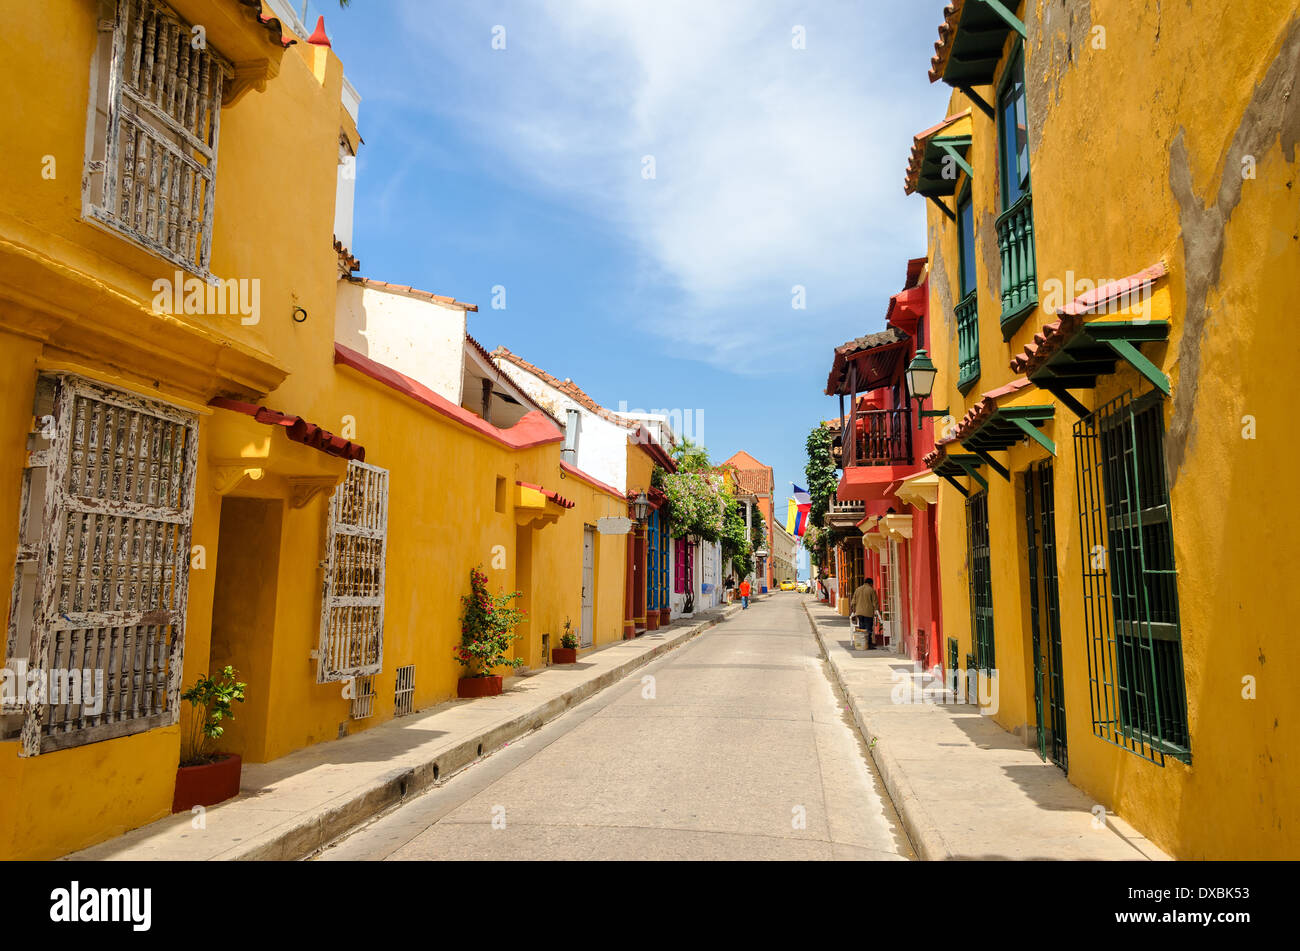 Scène de rue typique à Cartagena, en Colombie d'une rue avec de vieilles maisons coloniales historiques de chaque côté de c Photo Stock